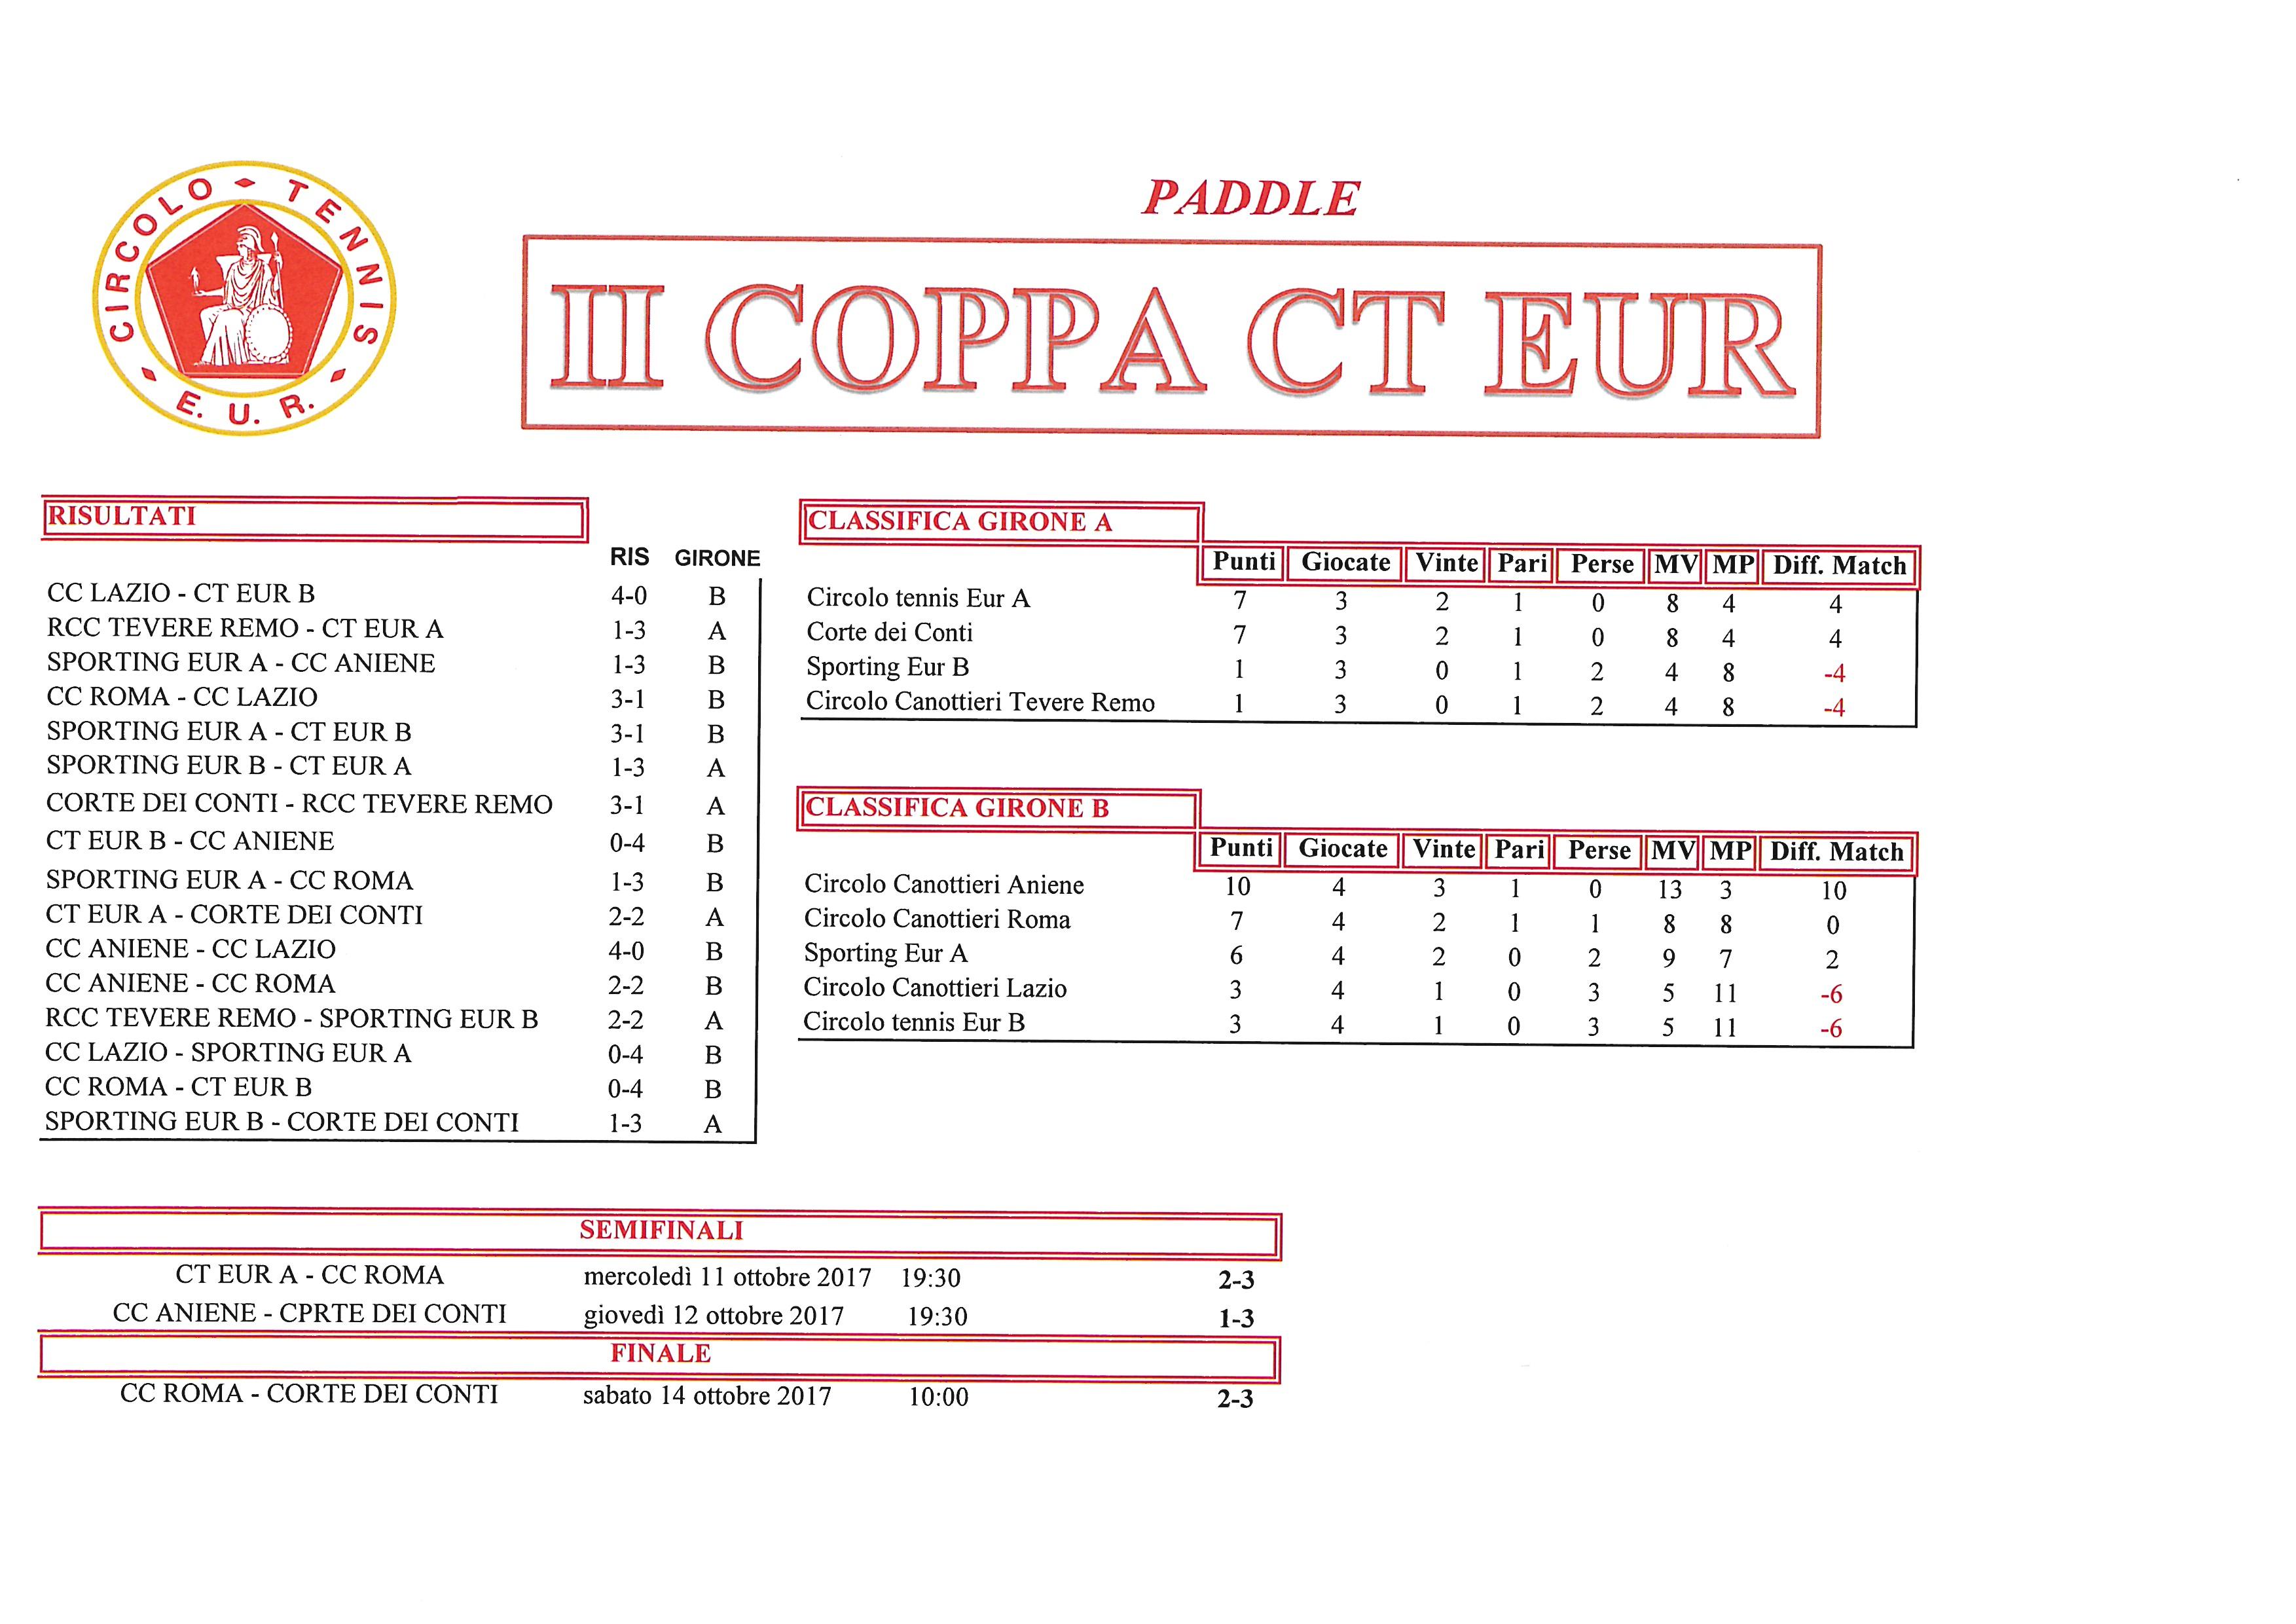 Coppa CT Eur risultati del 14 ottobre 2017 Paddle